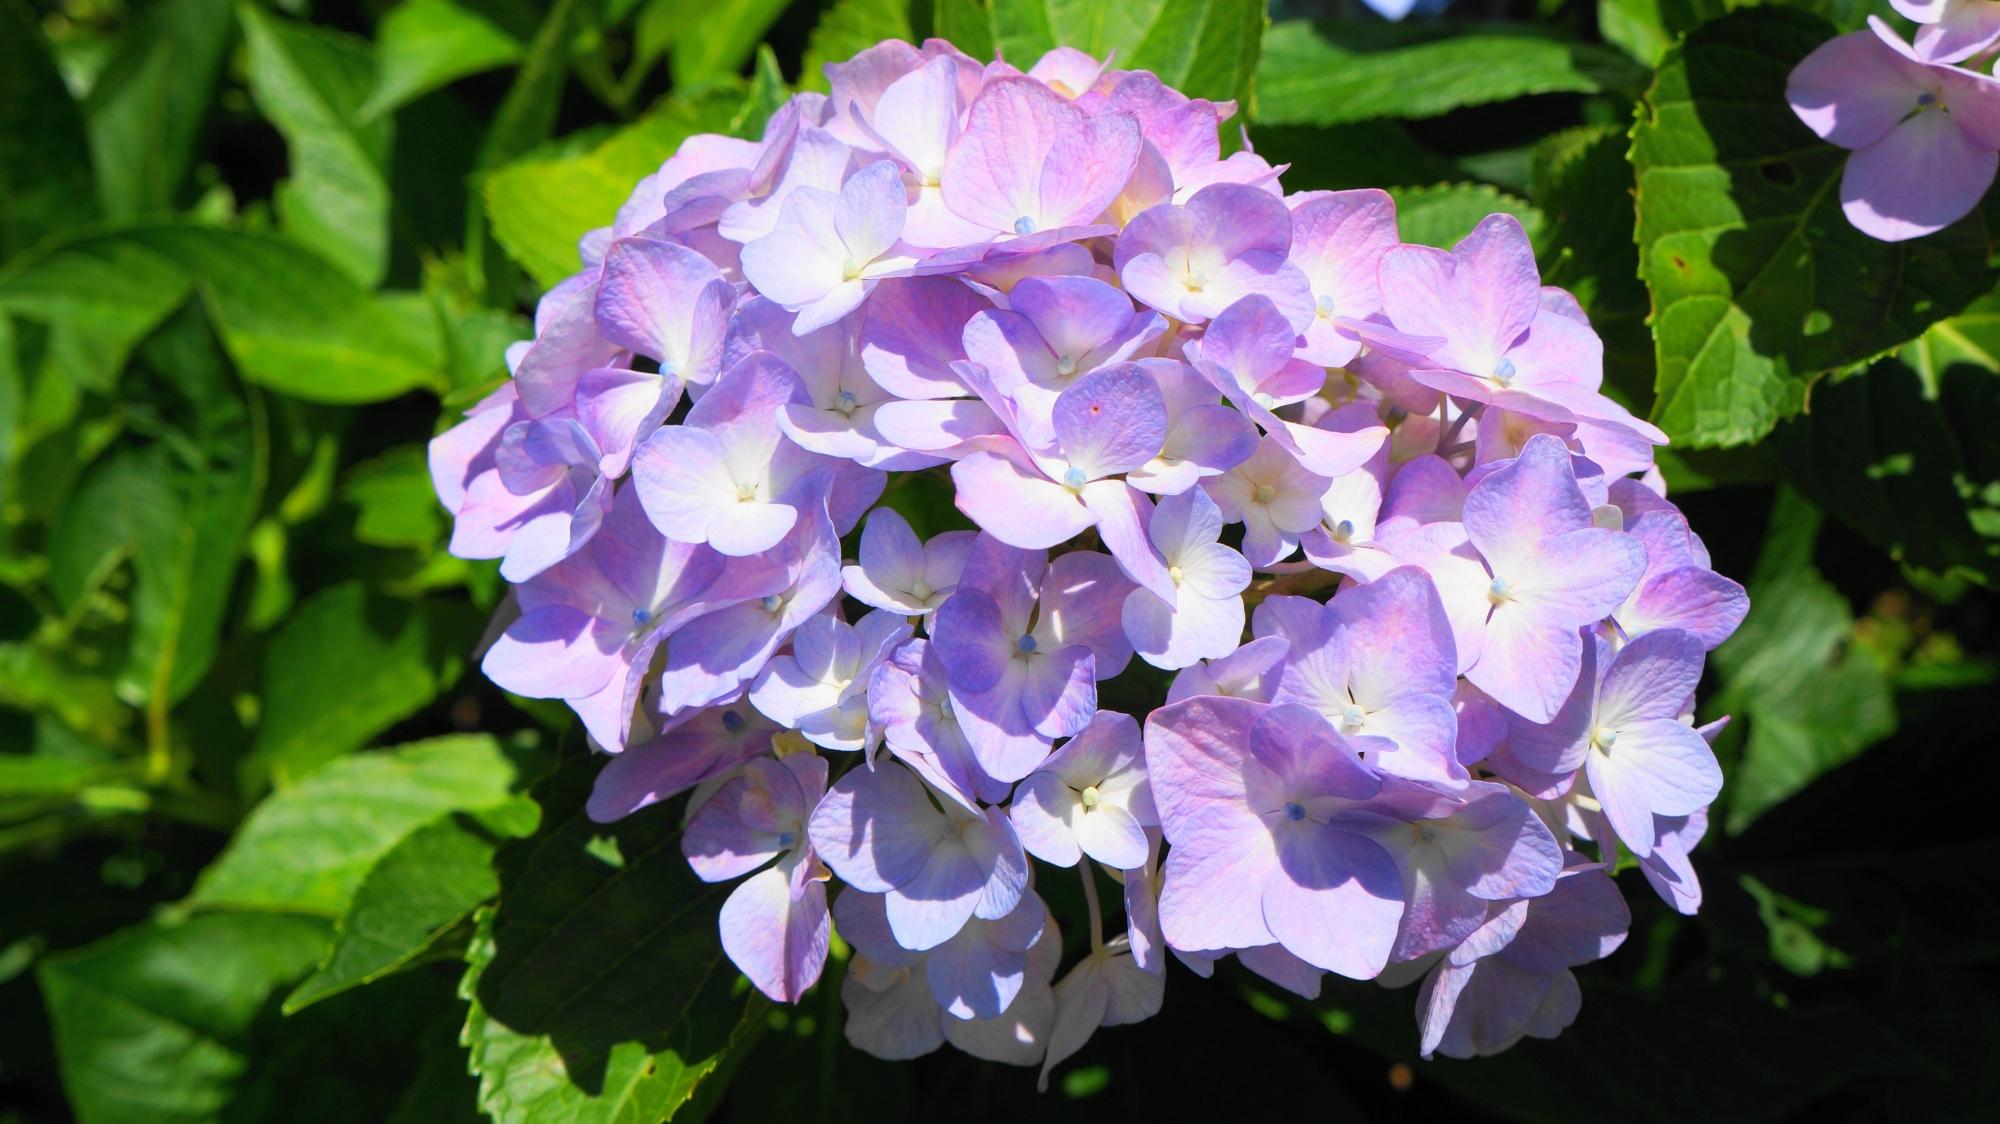 ほのかな薄紫の優しそうな紫陽花